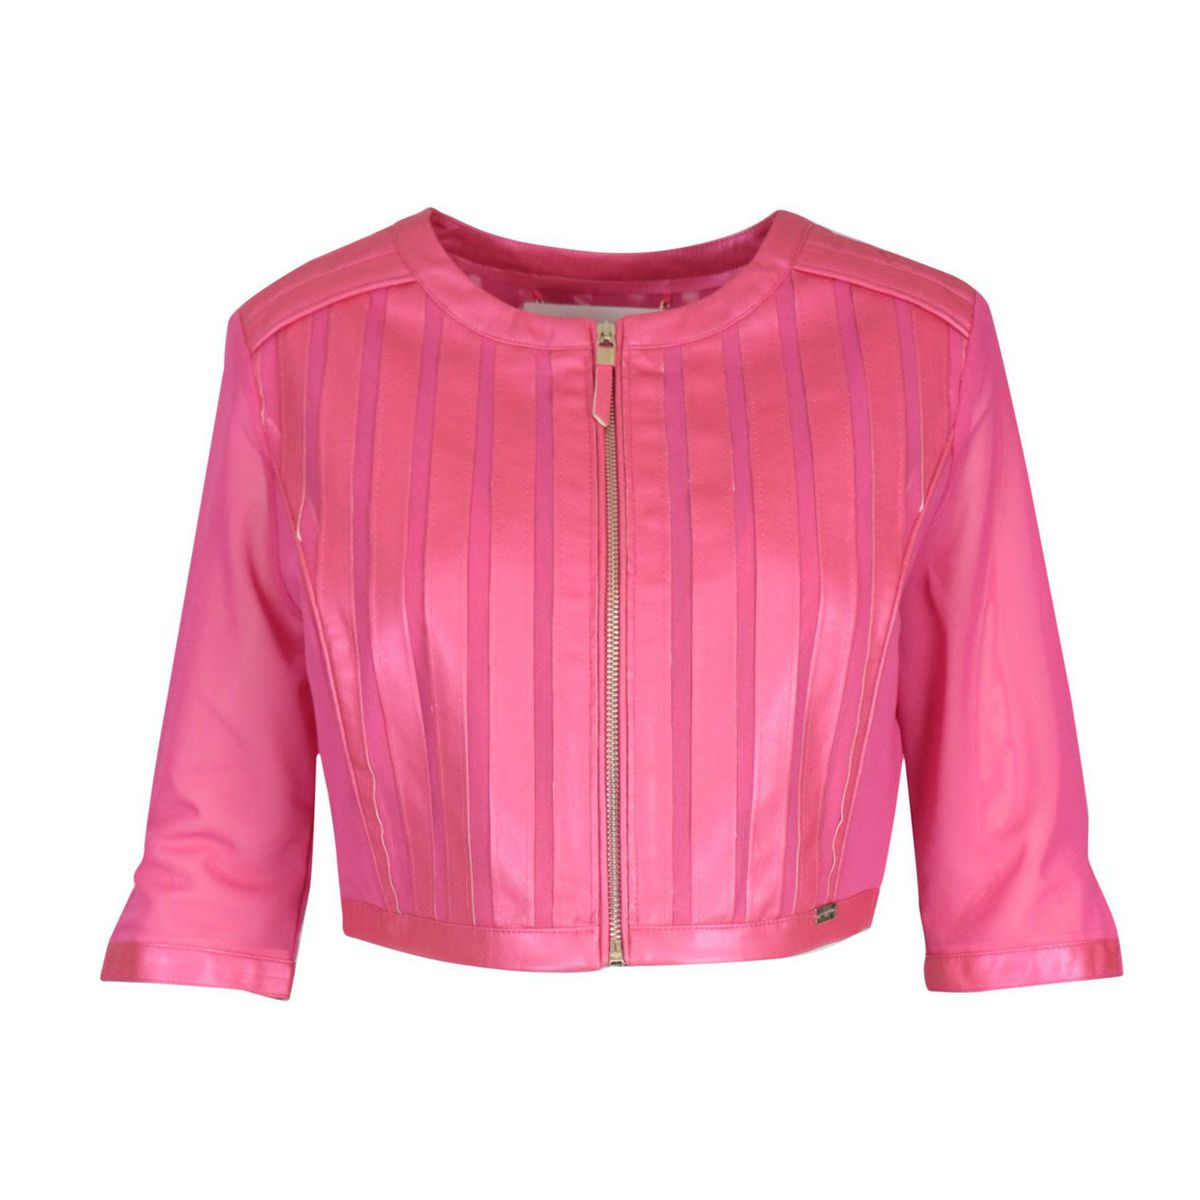 Short double-layered velor jacket with imitation leather inserts Fuchsia Nenette